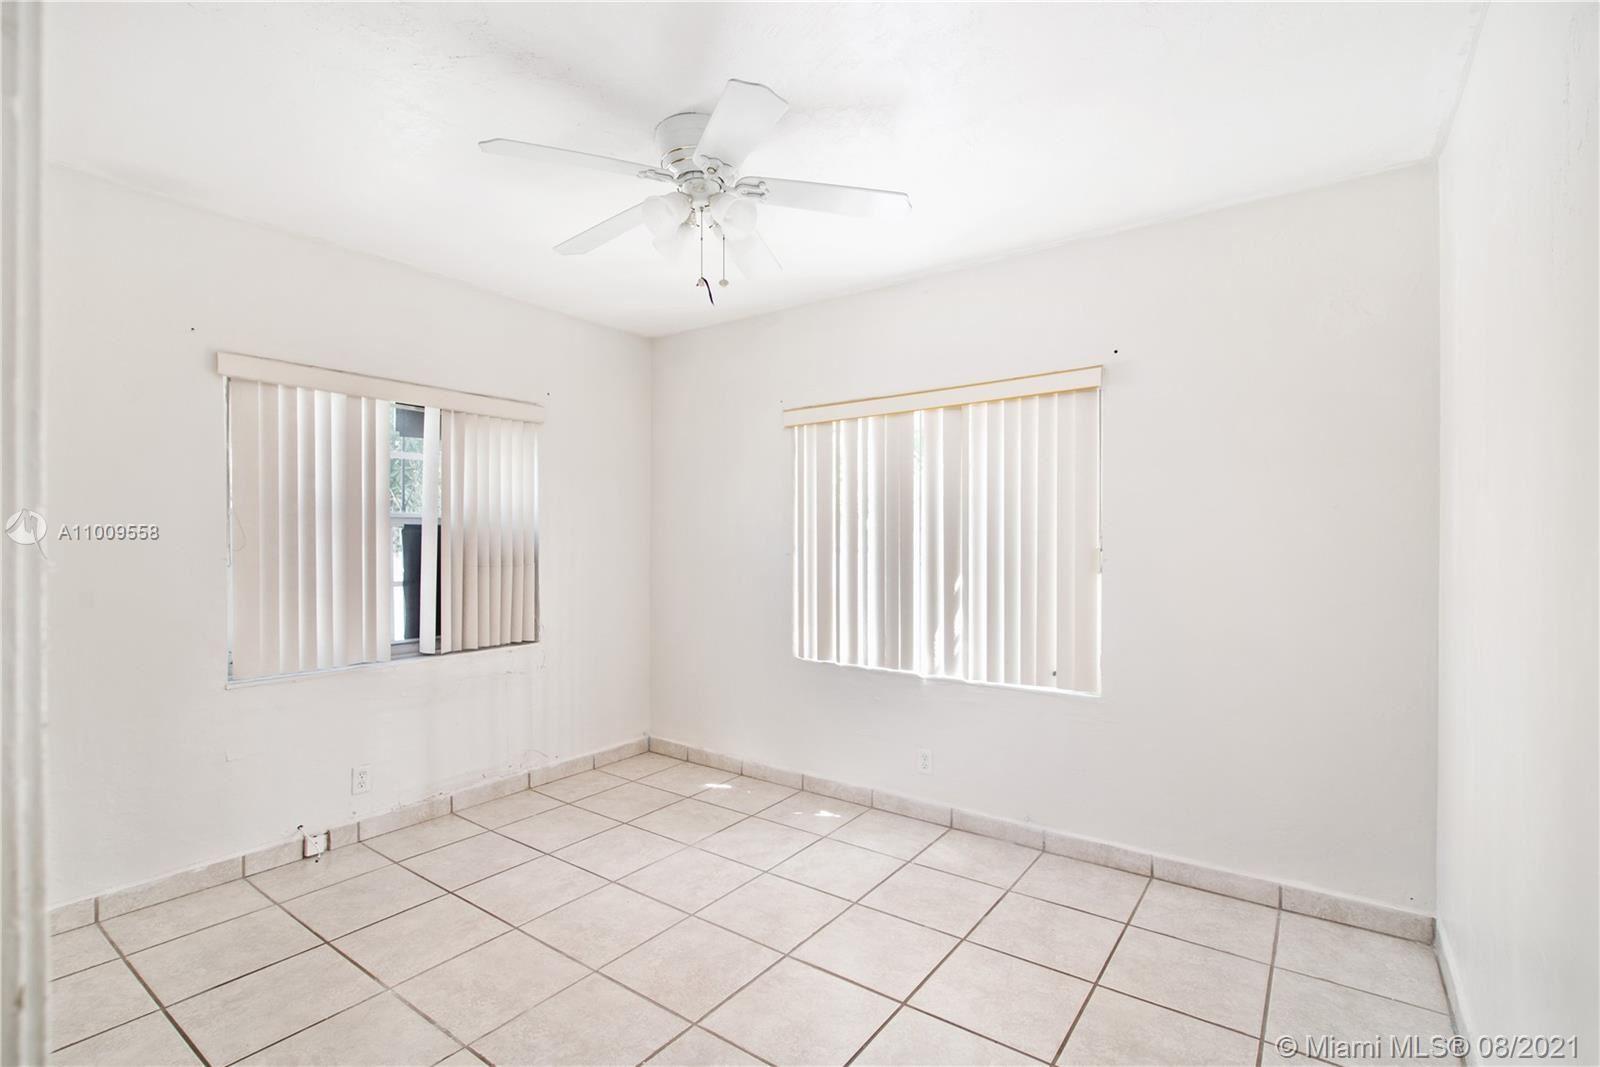 742 SW 10th St, Miami, FL 33130 - #: A11009558